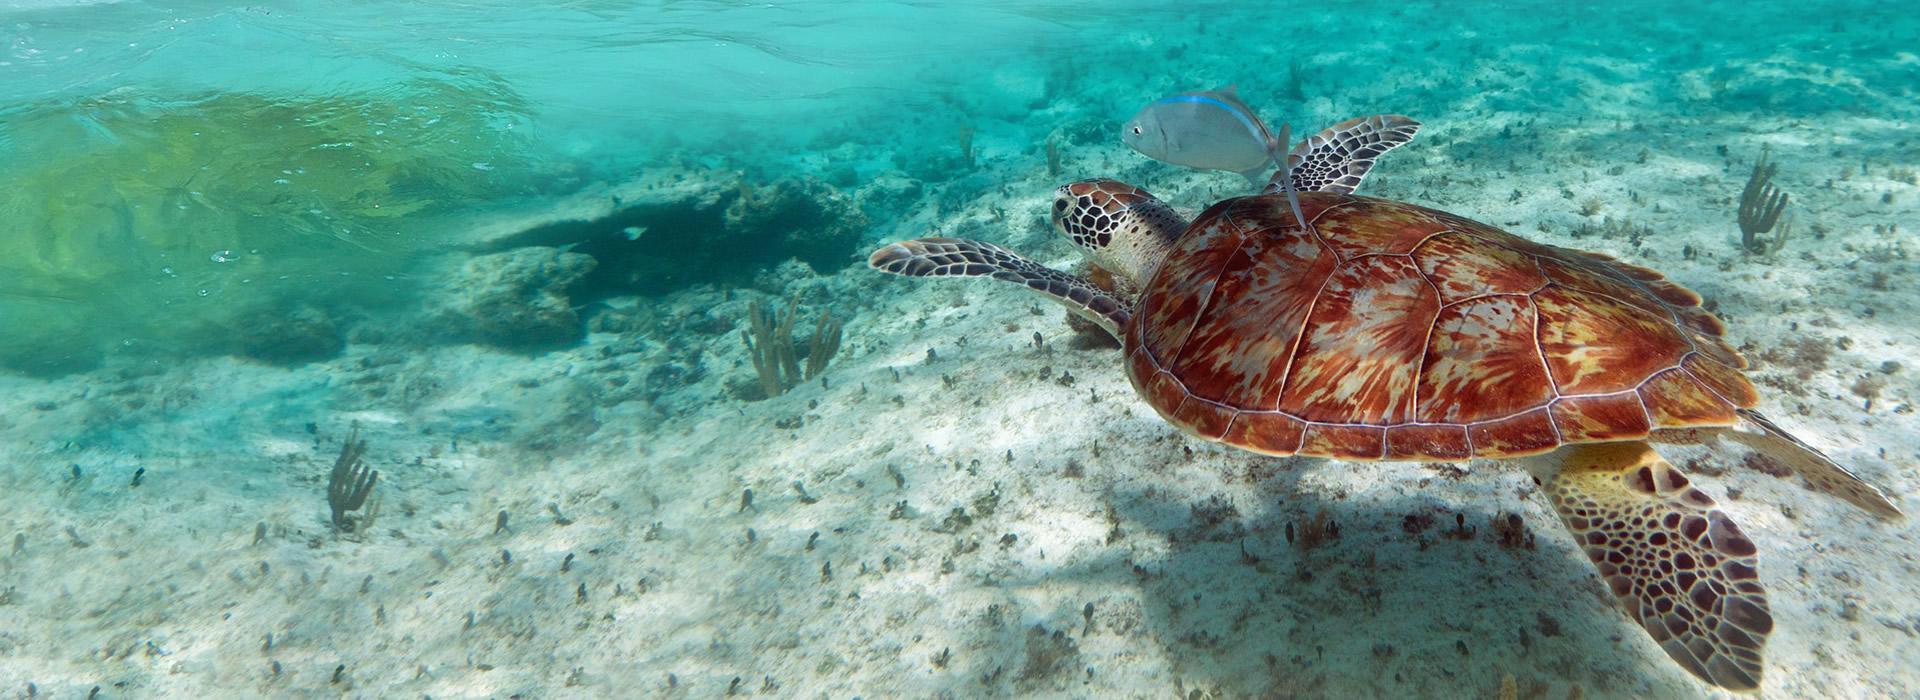 Tortuga En Mar Limpio